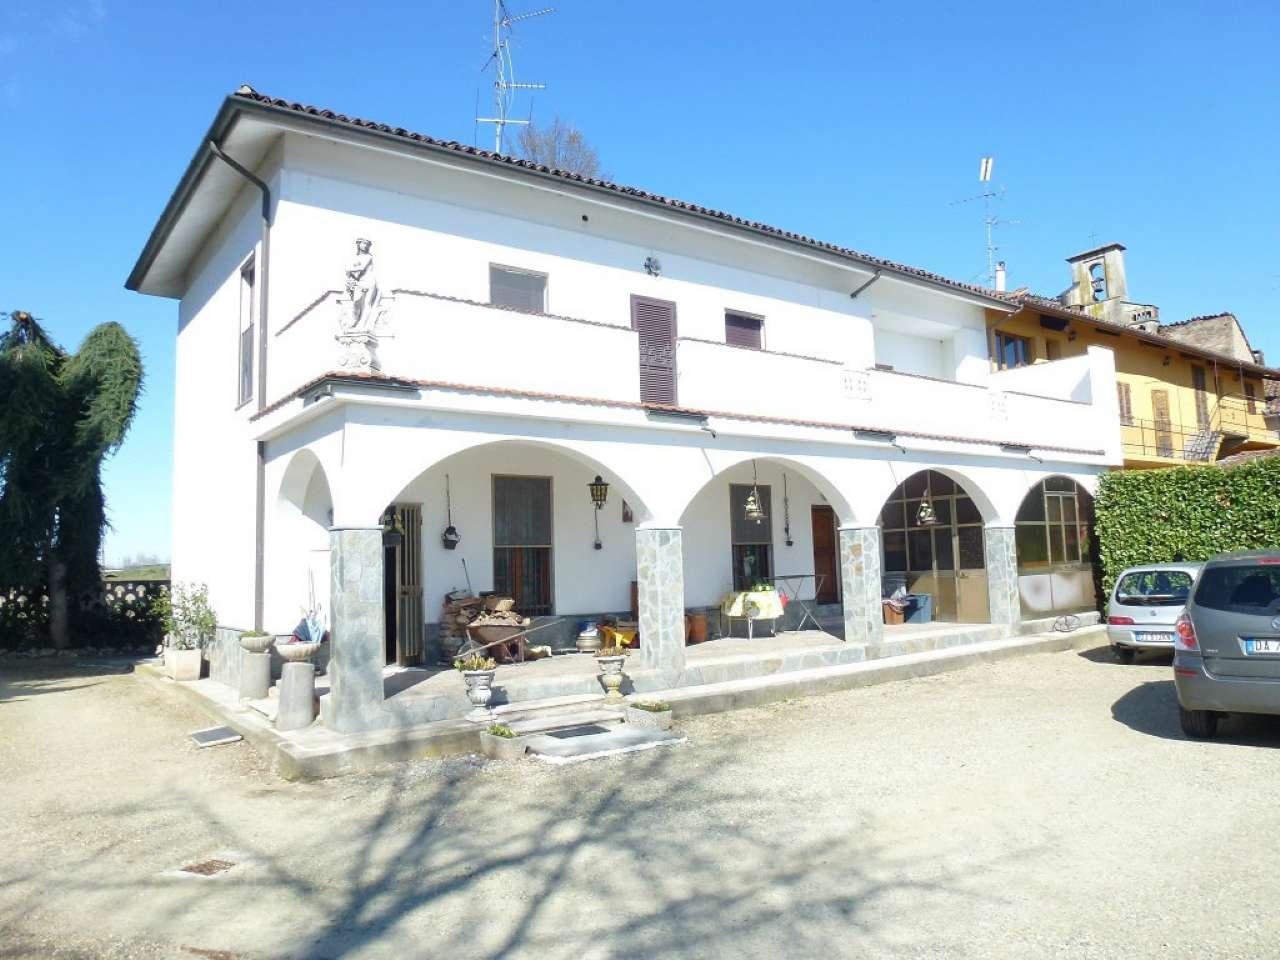 Rustico / Casale in vendita a Pezzana, 5 locali, prezzo € 220.000 | CambioCasa.it